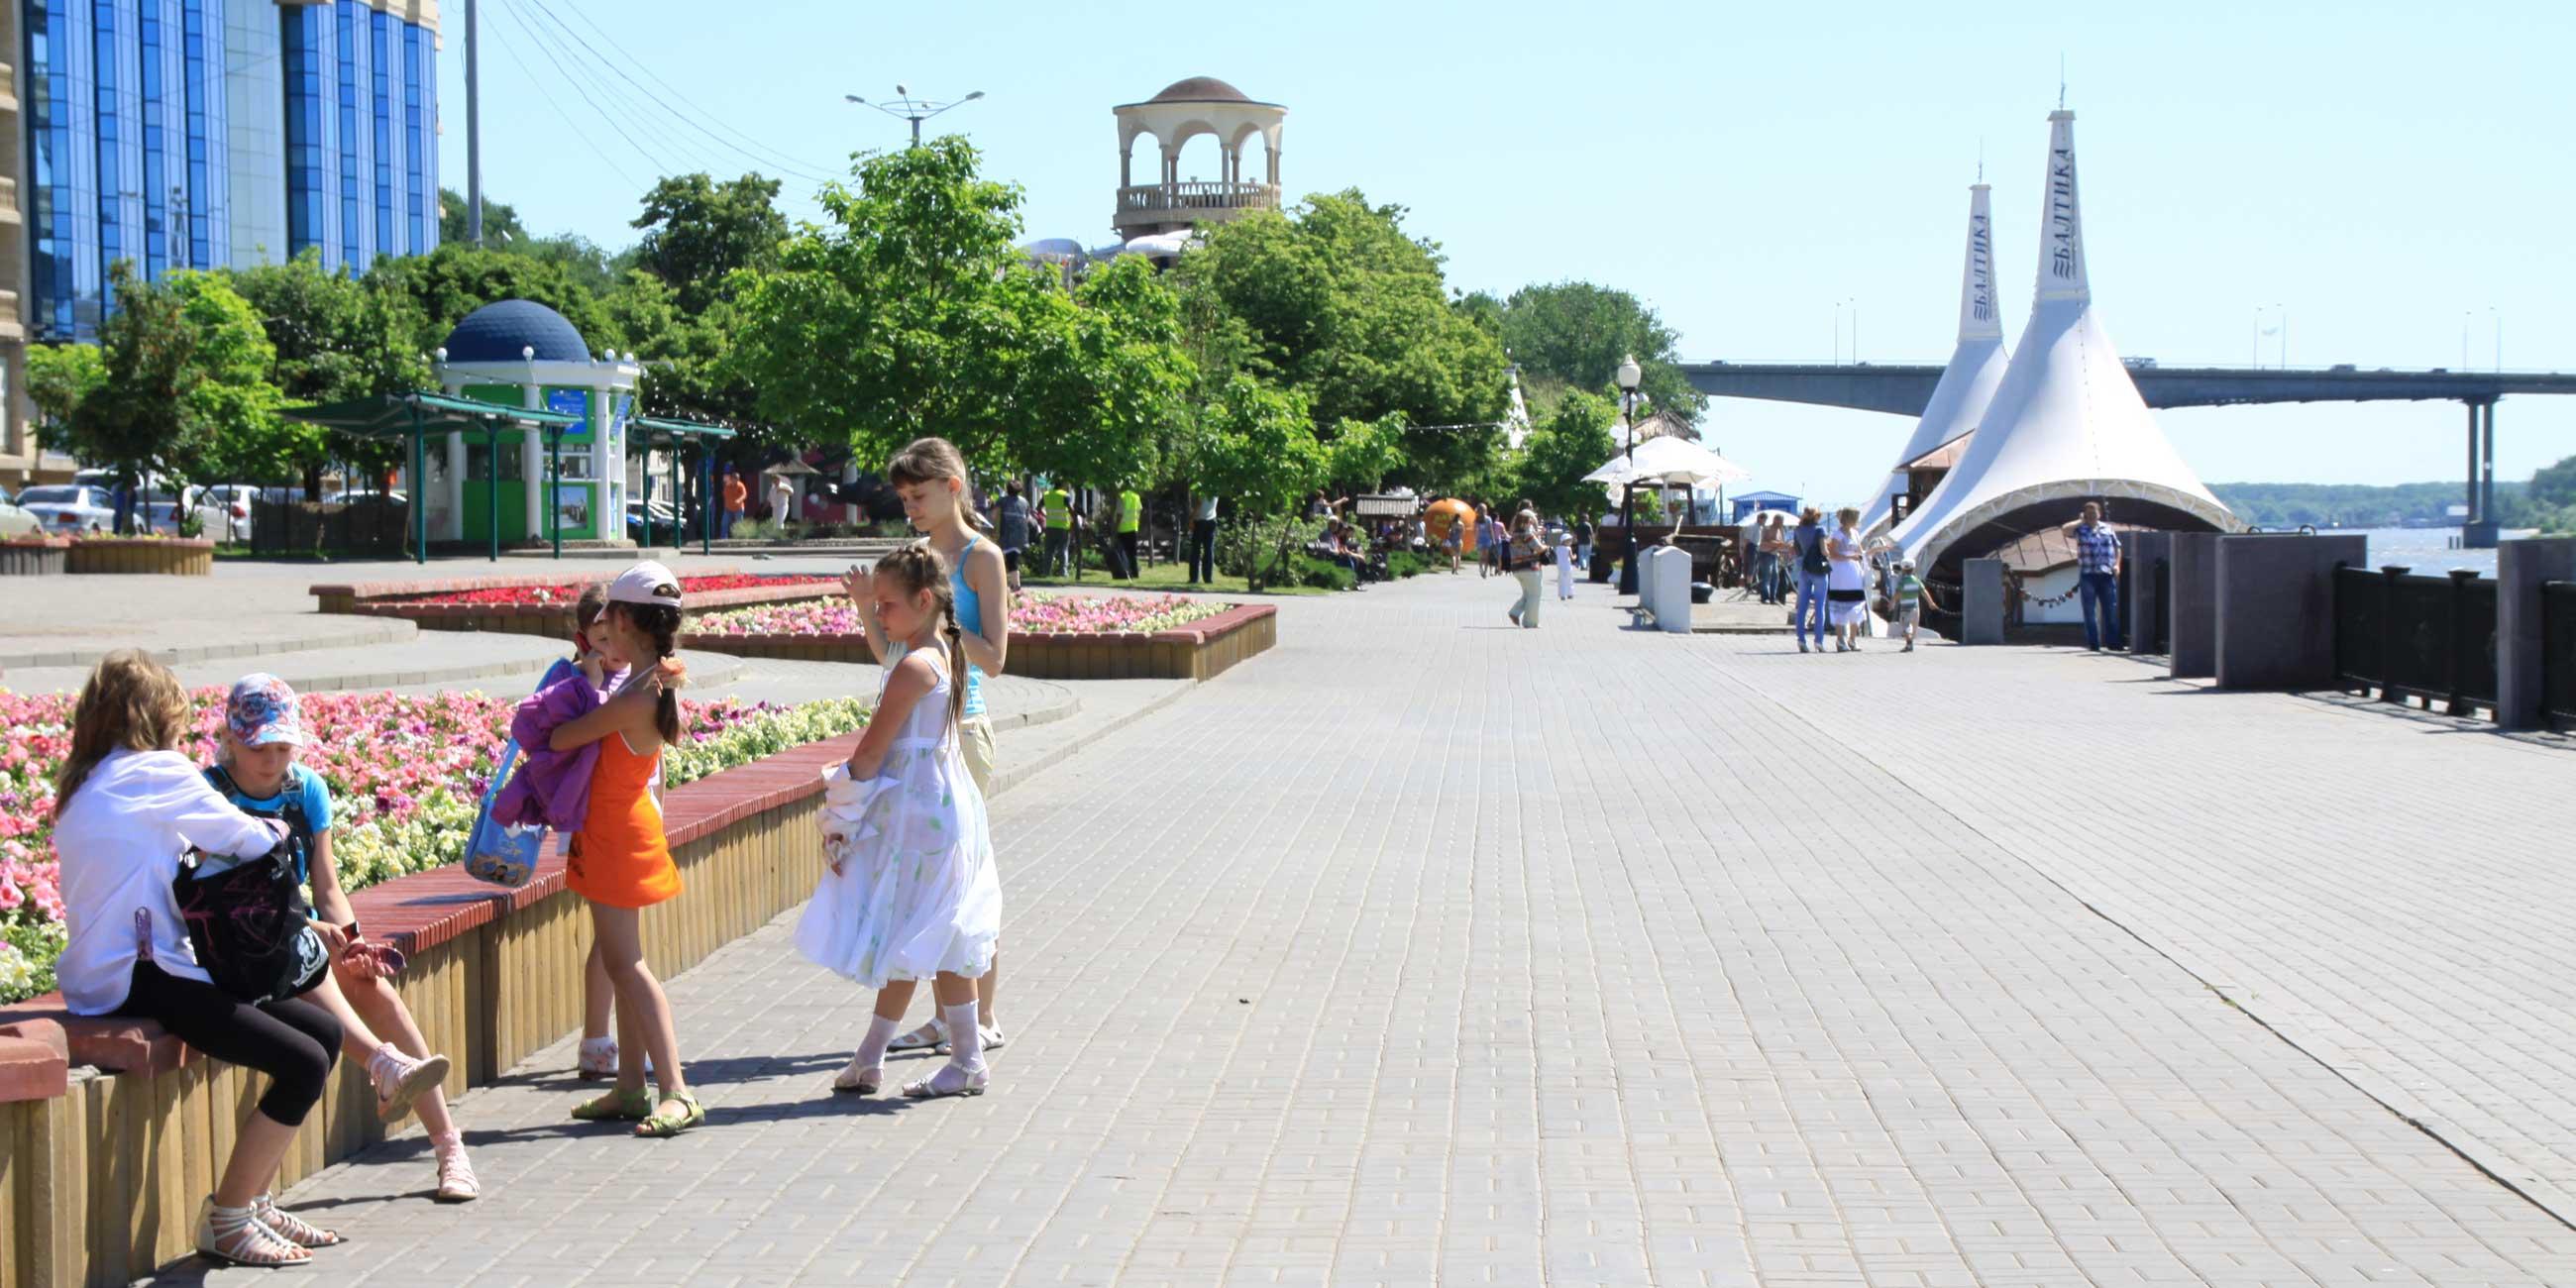 В теплое время года набережная реки Дон - любимое место прогулок ростовчанФото: Татьяна Казанцева